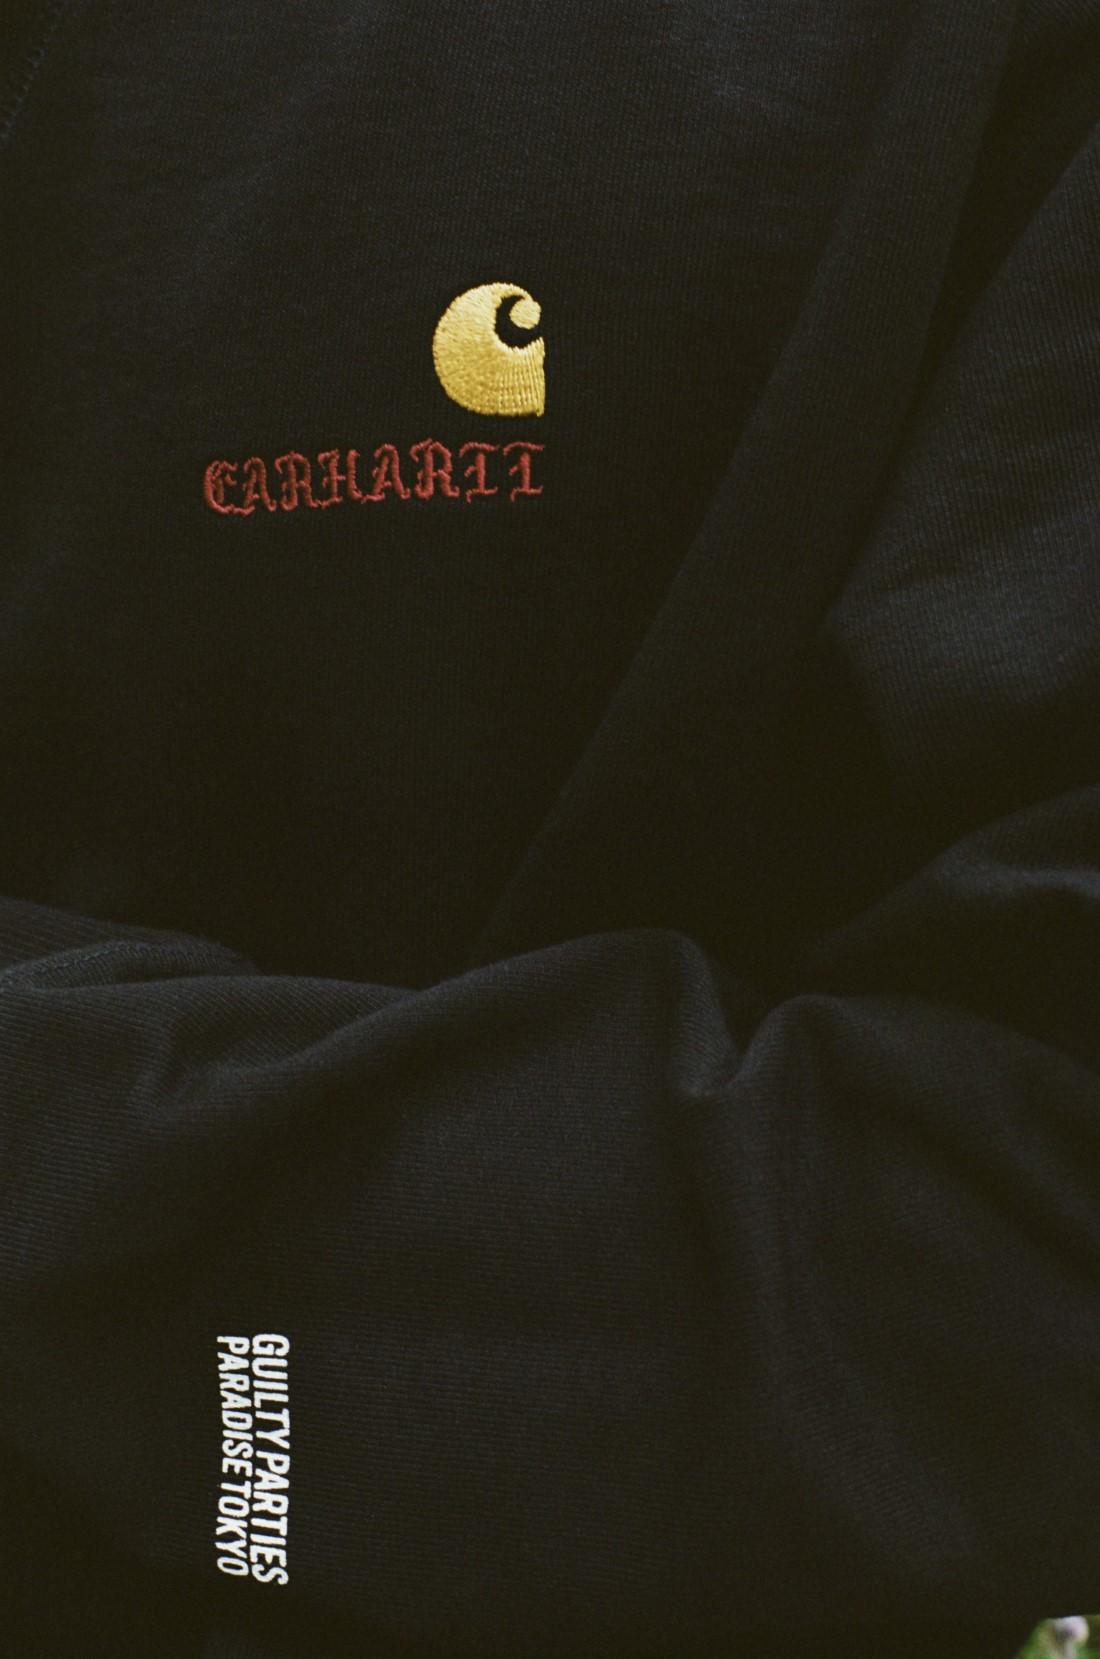 Wacko Maria x Carhartt WIP